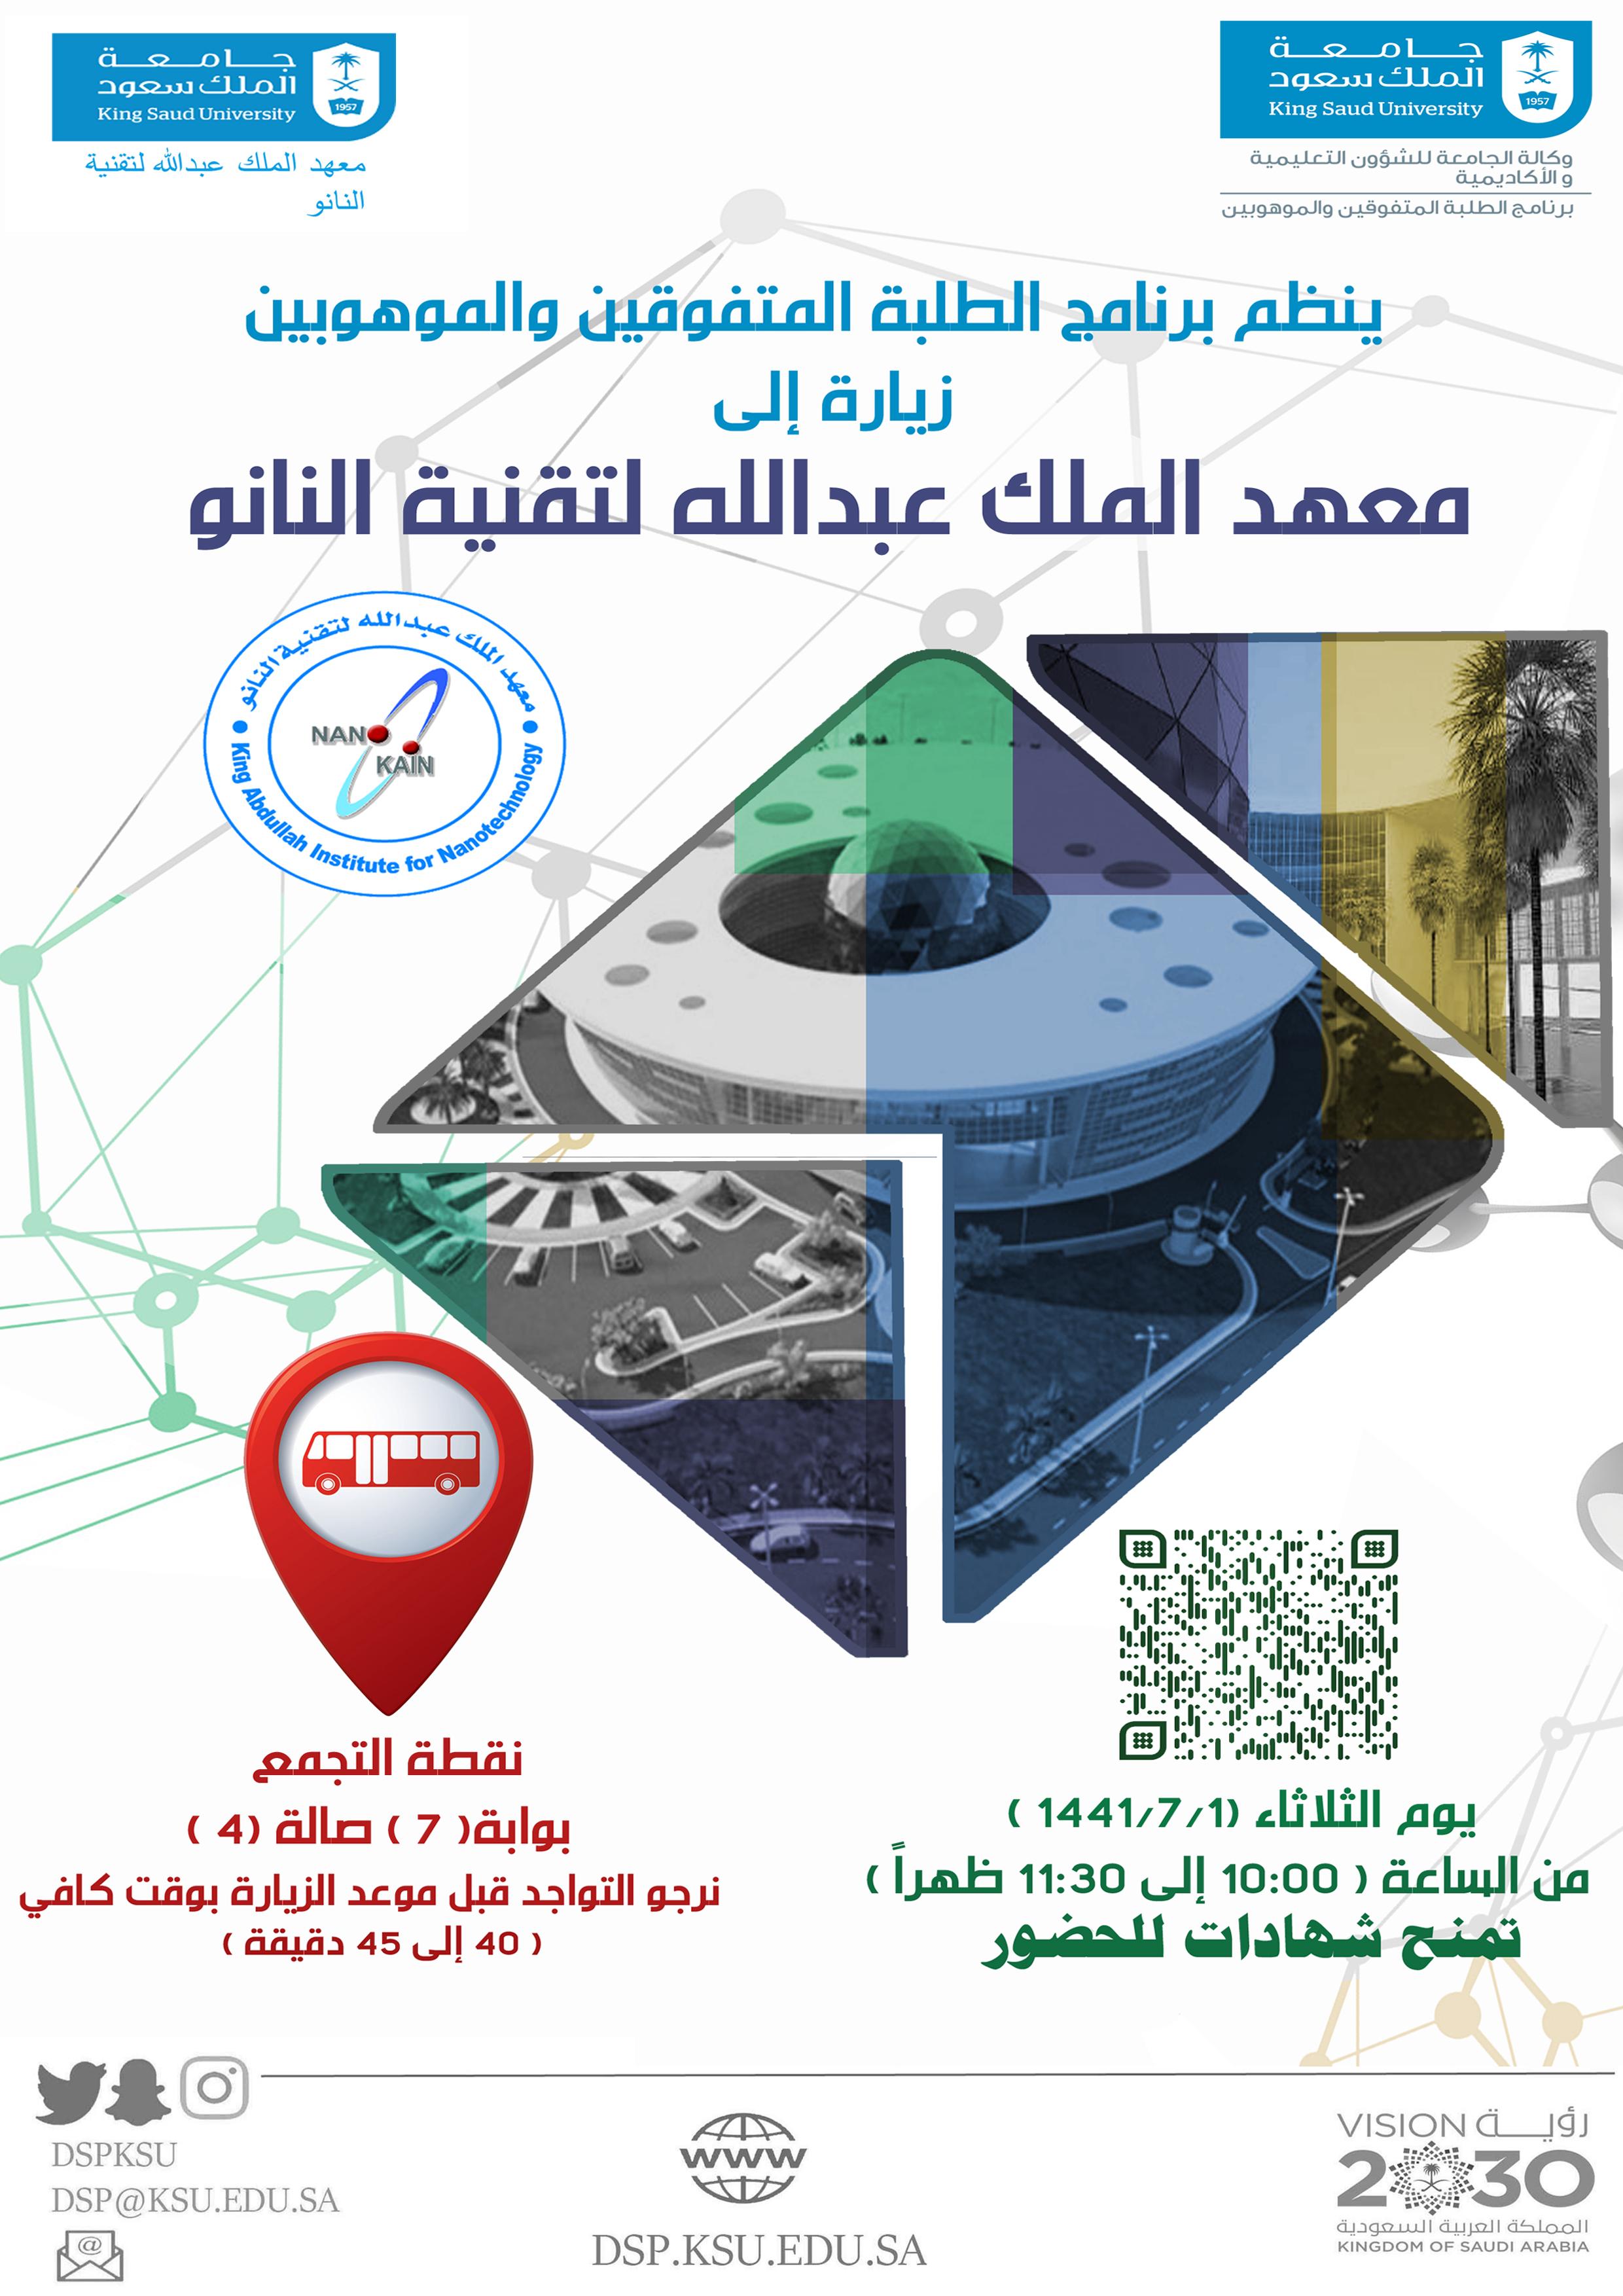 زيارة لمعهد الملك عبدالله لتقنية النانو-طالبات